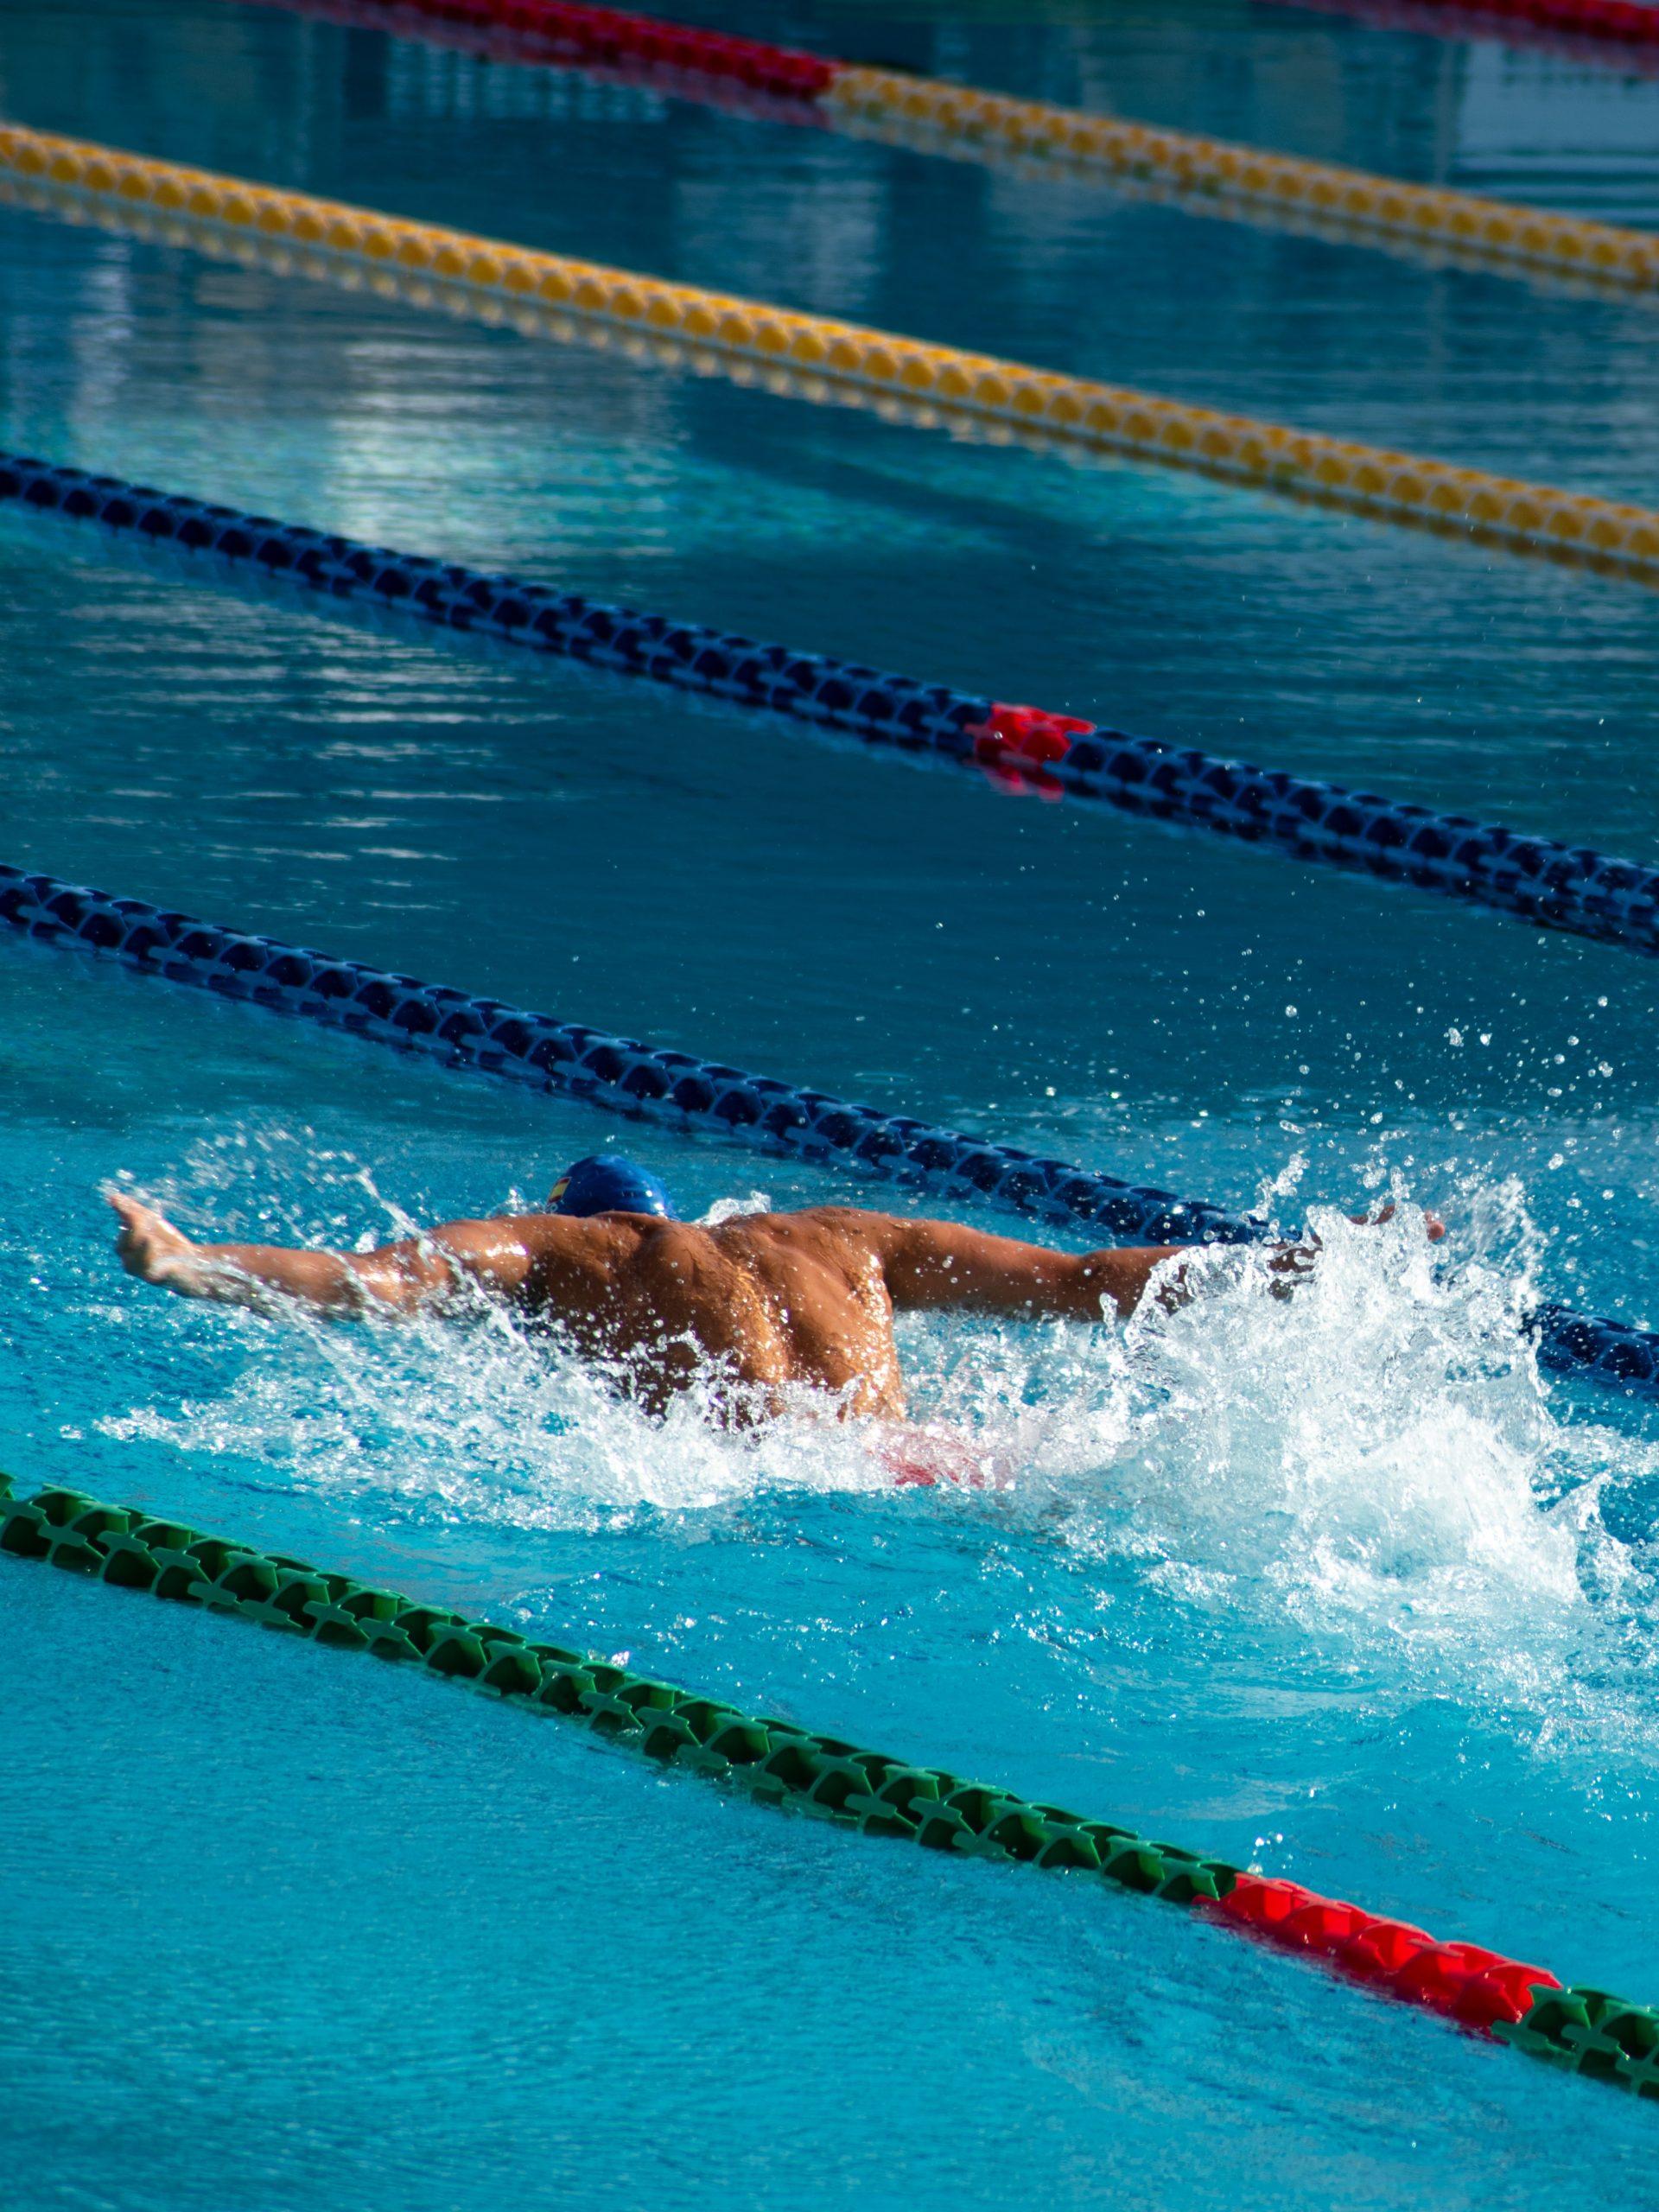 natación- deporte profesional - vitoria-